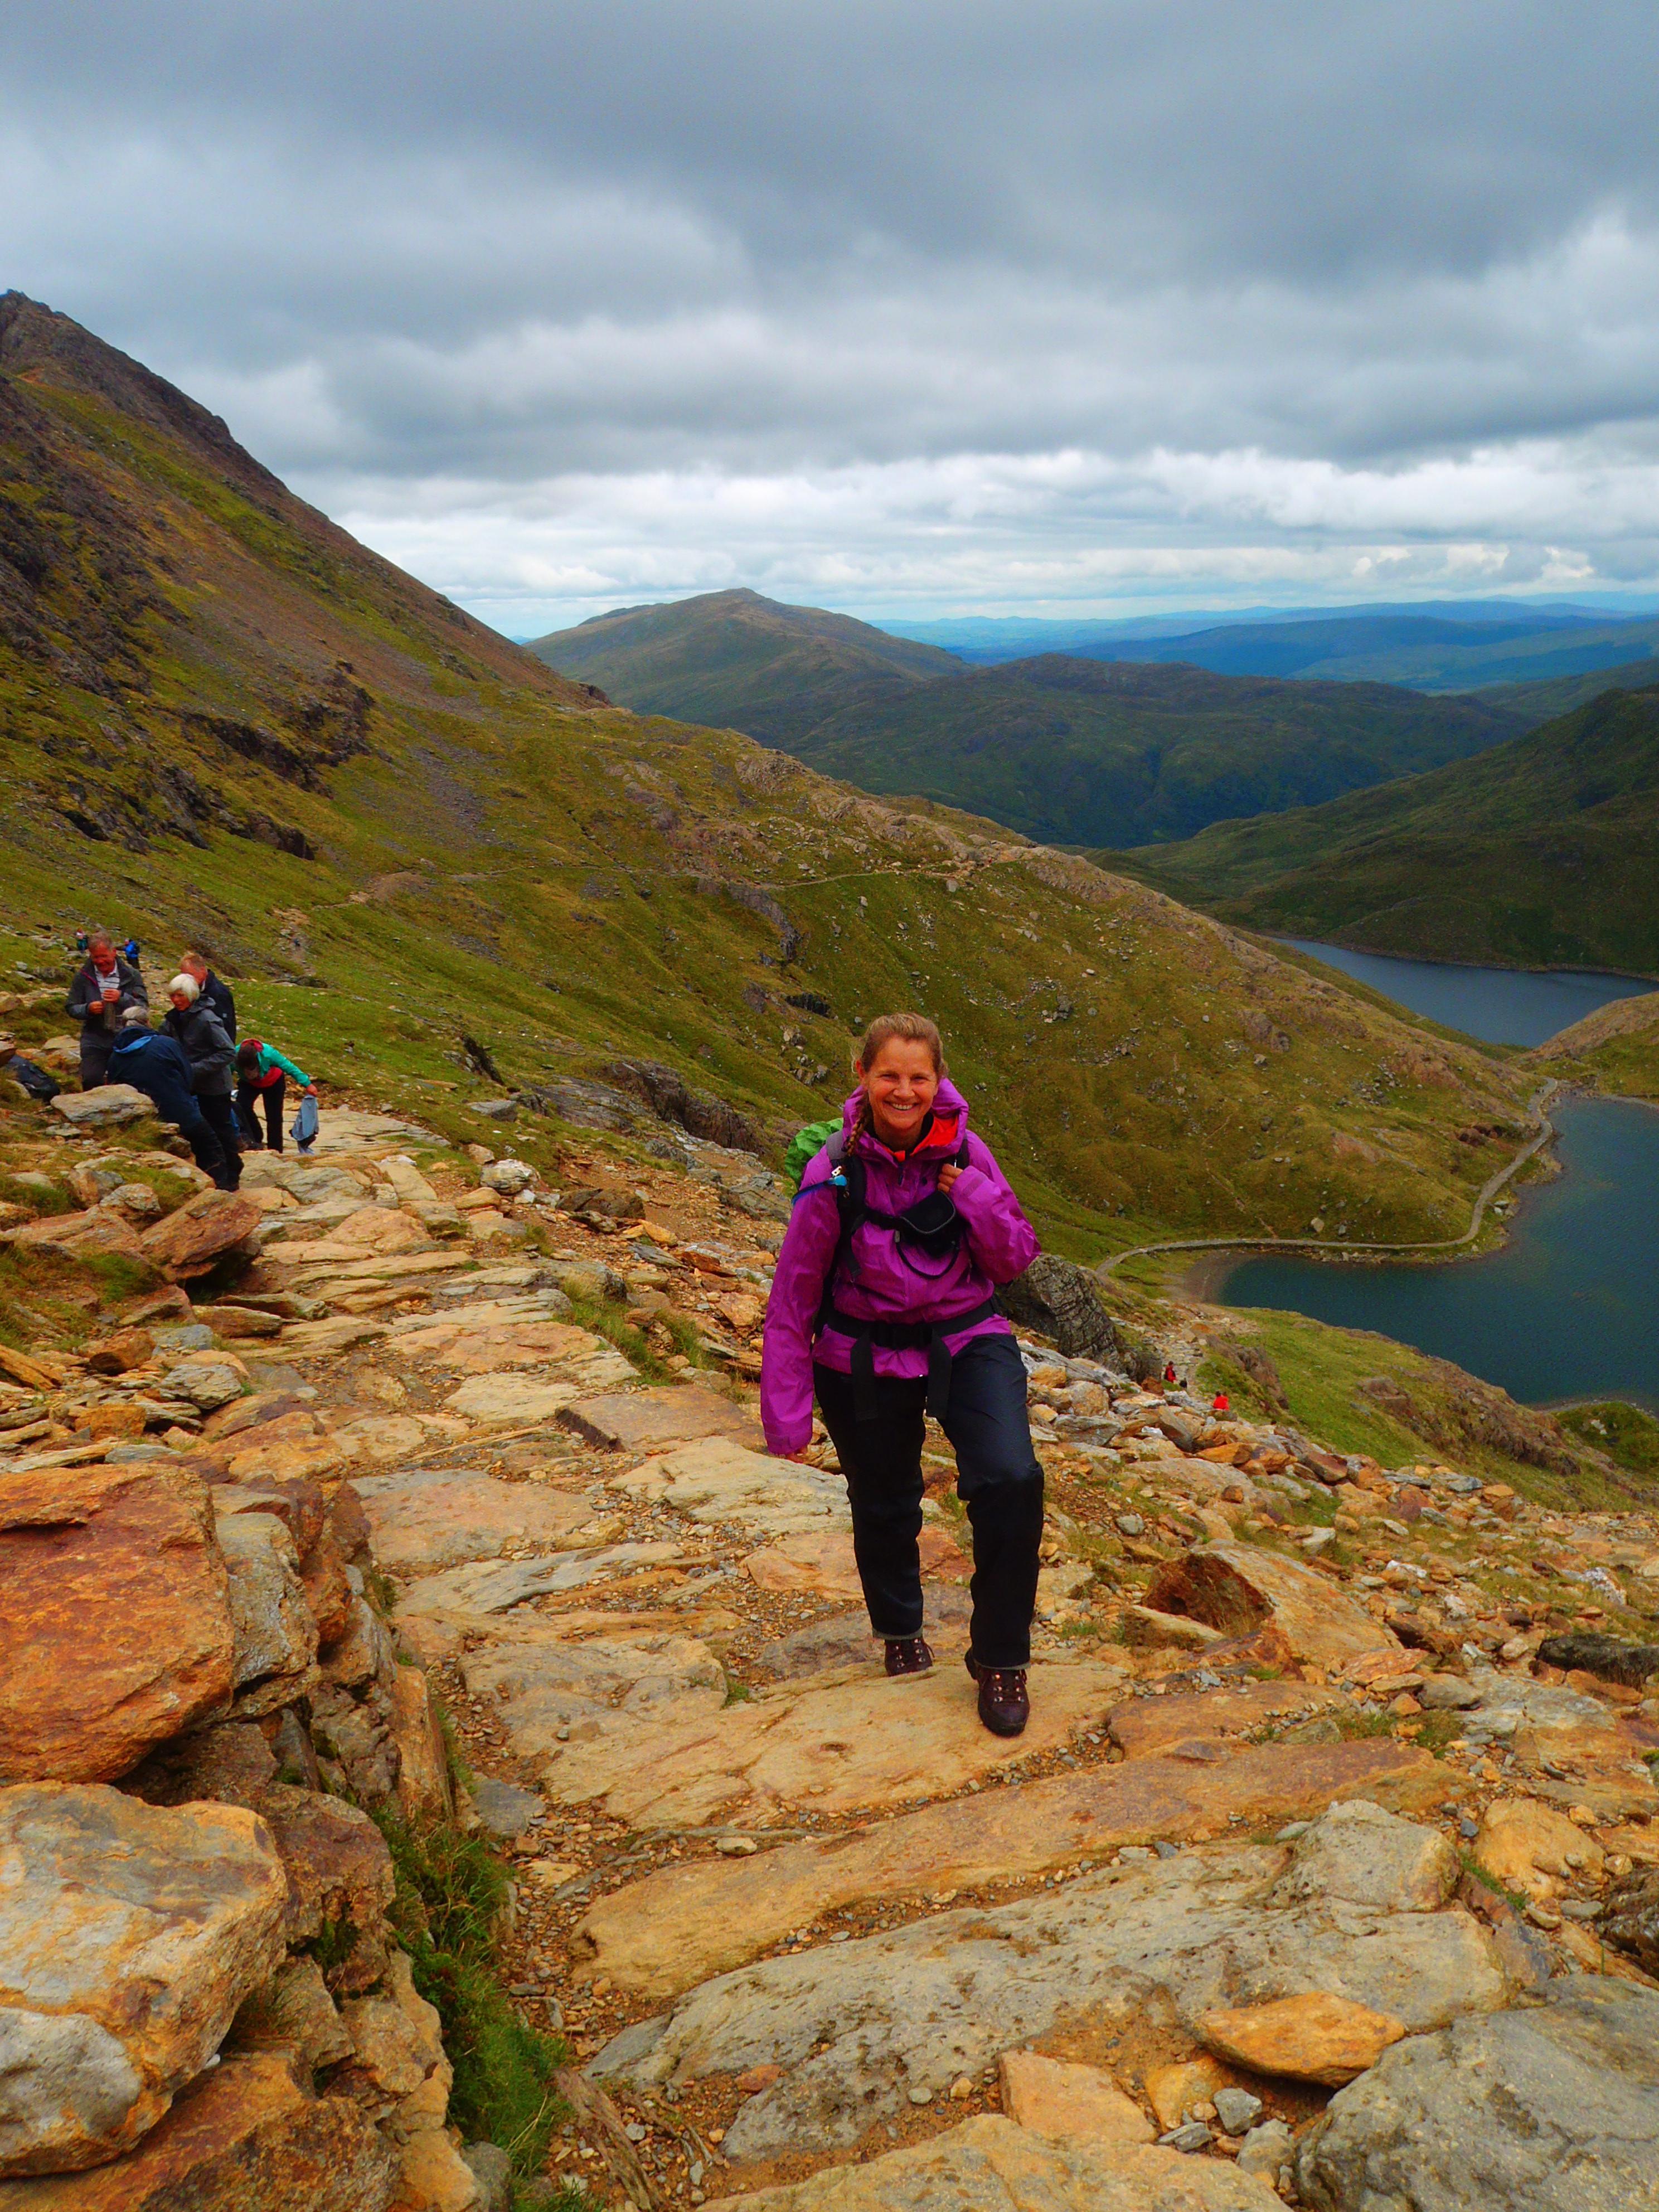 Wanderung im Snowdonia NP, Wales, Djoser Reisen